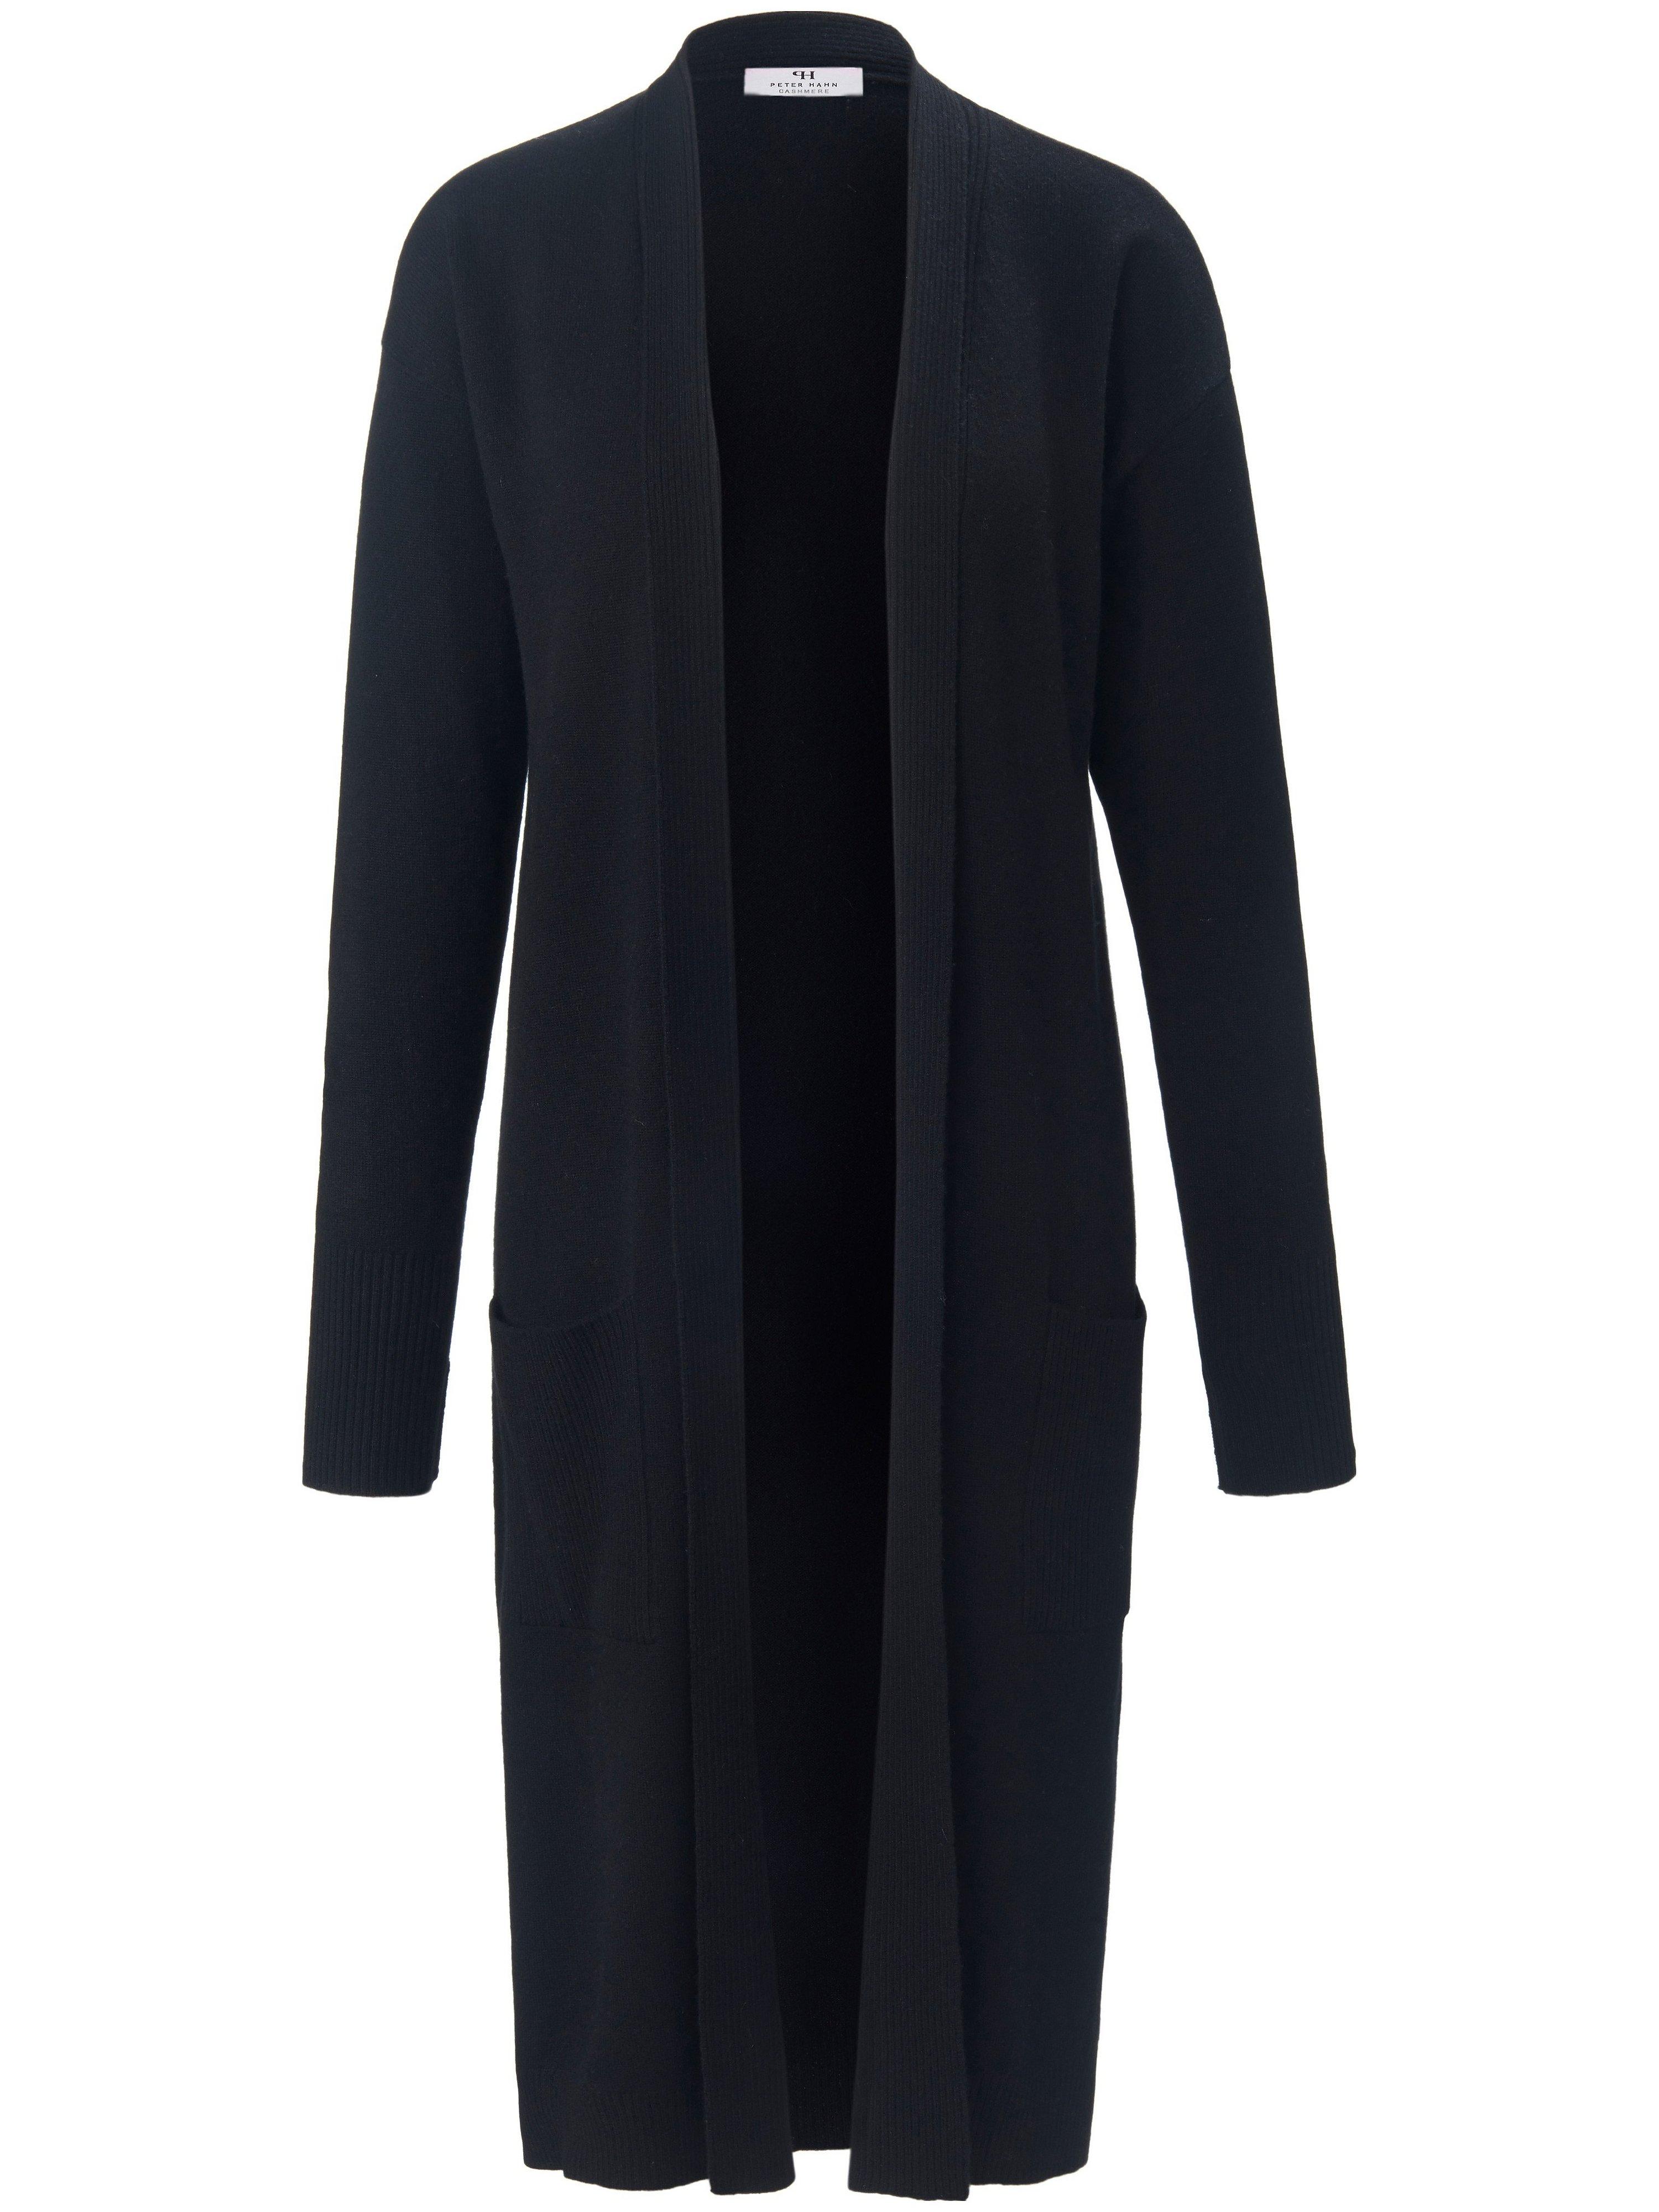 Le manteau en maille 100% cachemire  Peter Hahn Cashmere noir